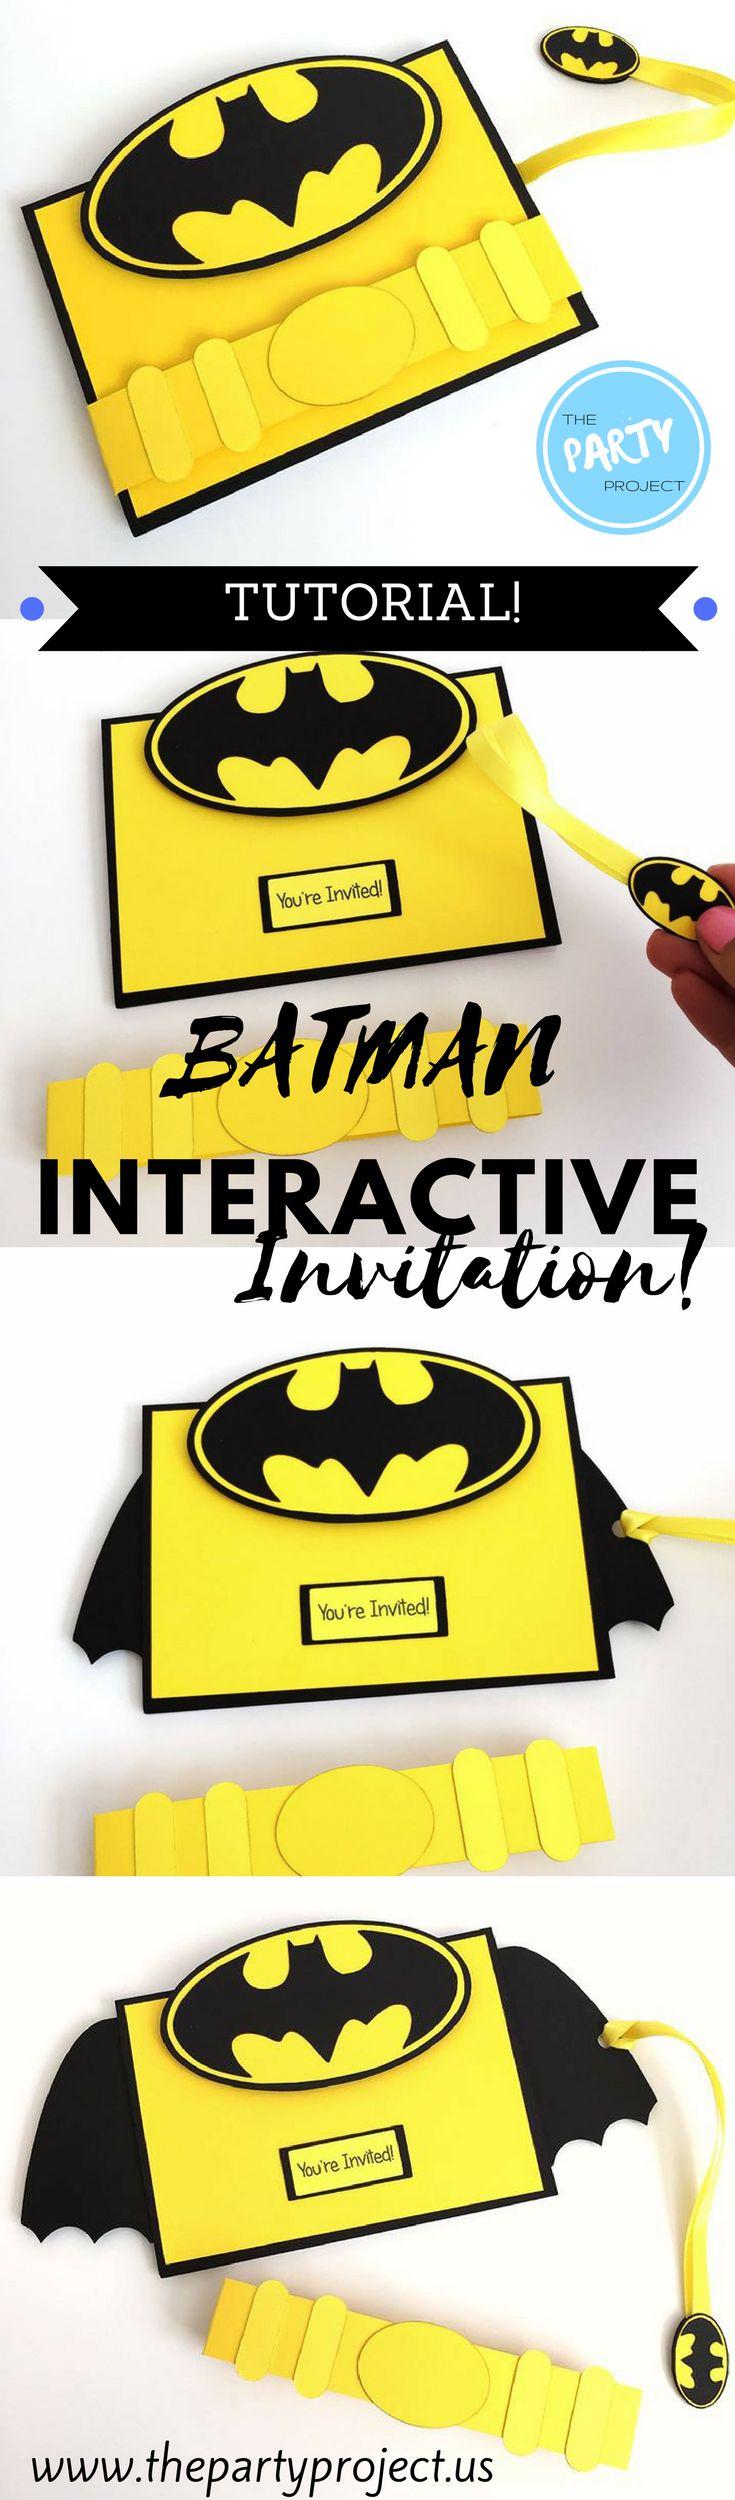 Watch the complete tutorial and learn how to create an amazing BATMAN 3D invitation for your little hero's next birthday party! ////¡Mira el tutorial y aprende a hacer esta increíble tarjeta de invitación para una fiesta de cumpleaños de BATMAN y sorprende a todos tus invitados con una tarjeta interactiva!